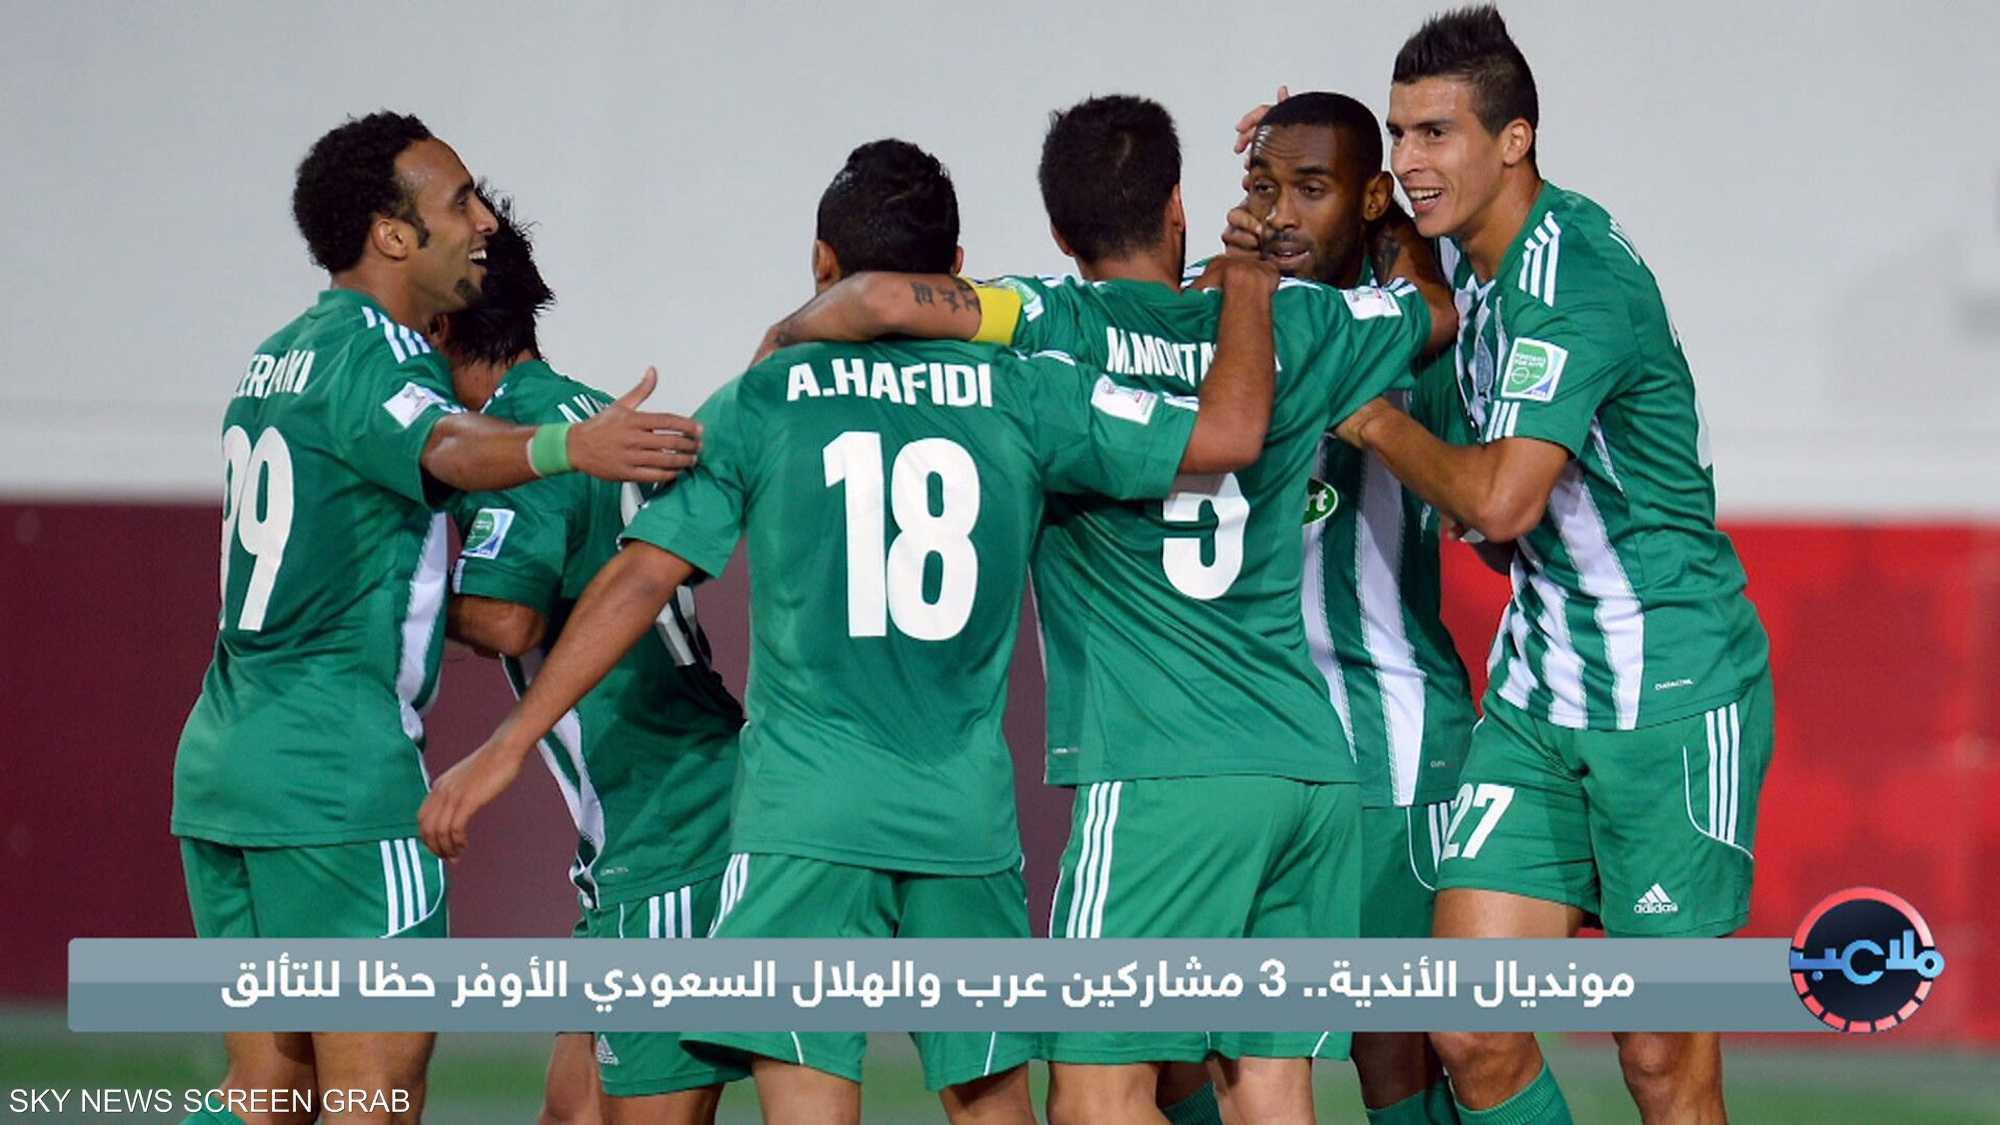 مونديال الأندية 2019.. مشاركة عربية قياسية بـ3 أندية